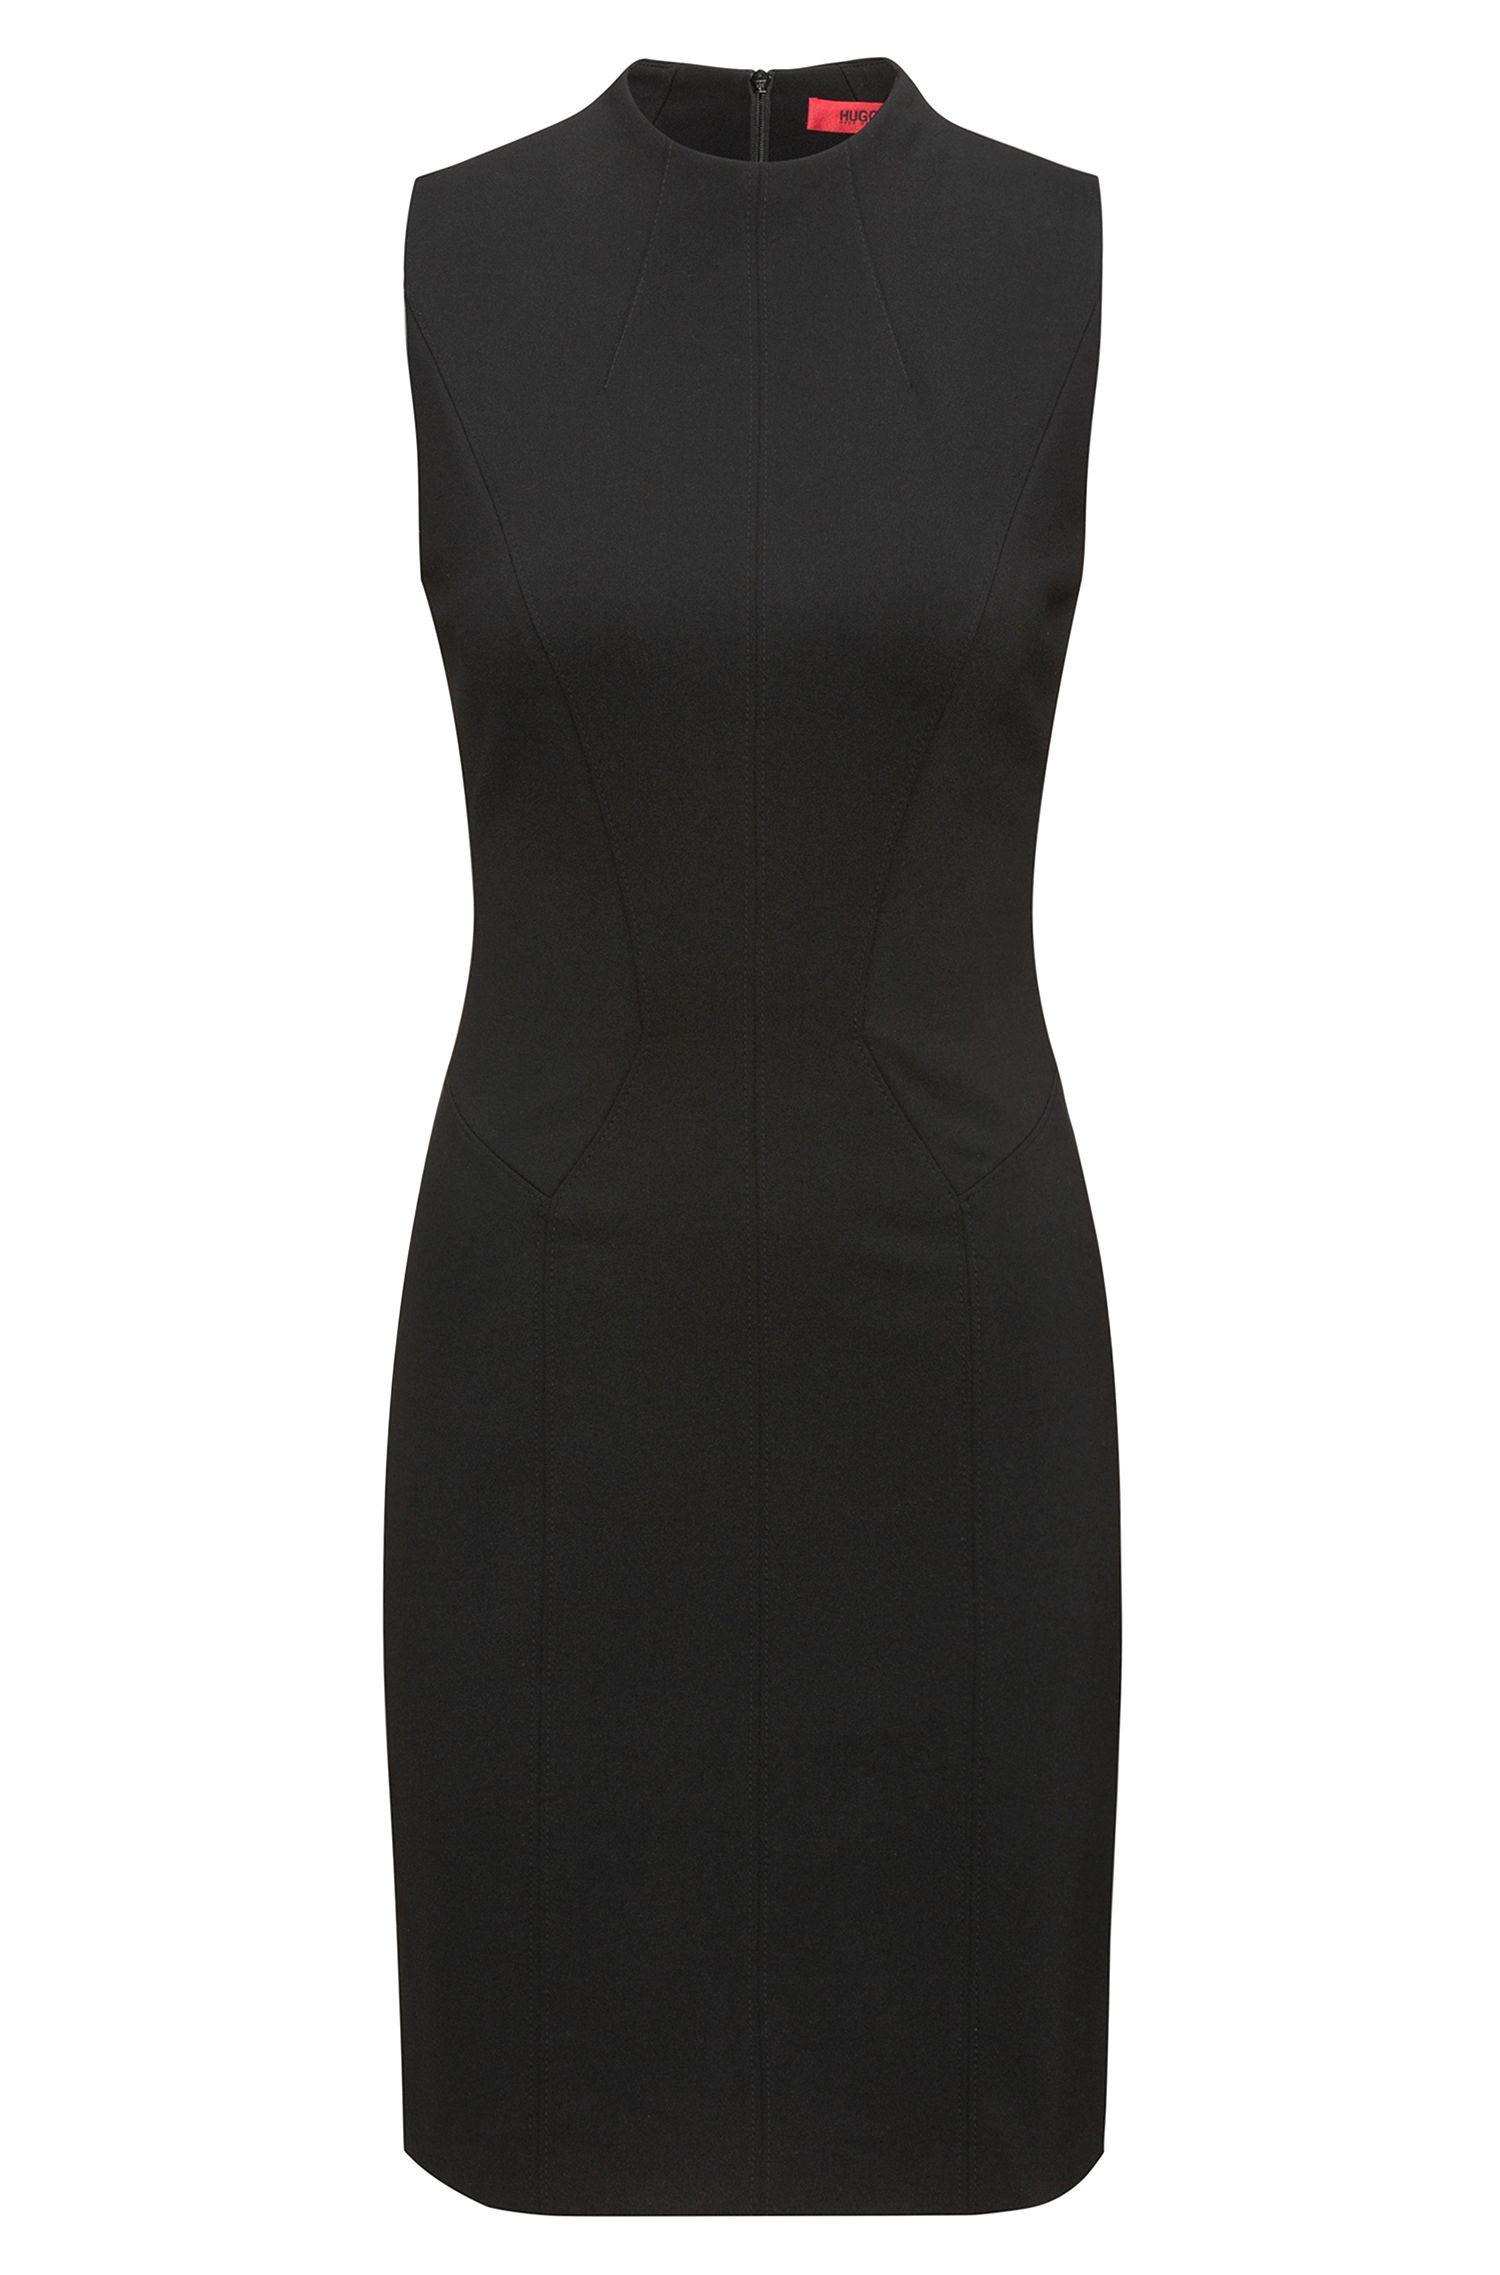 High-Collar Sheath Dress   Kihara